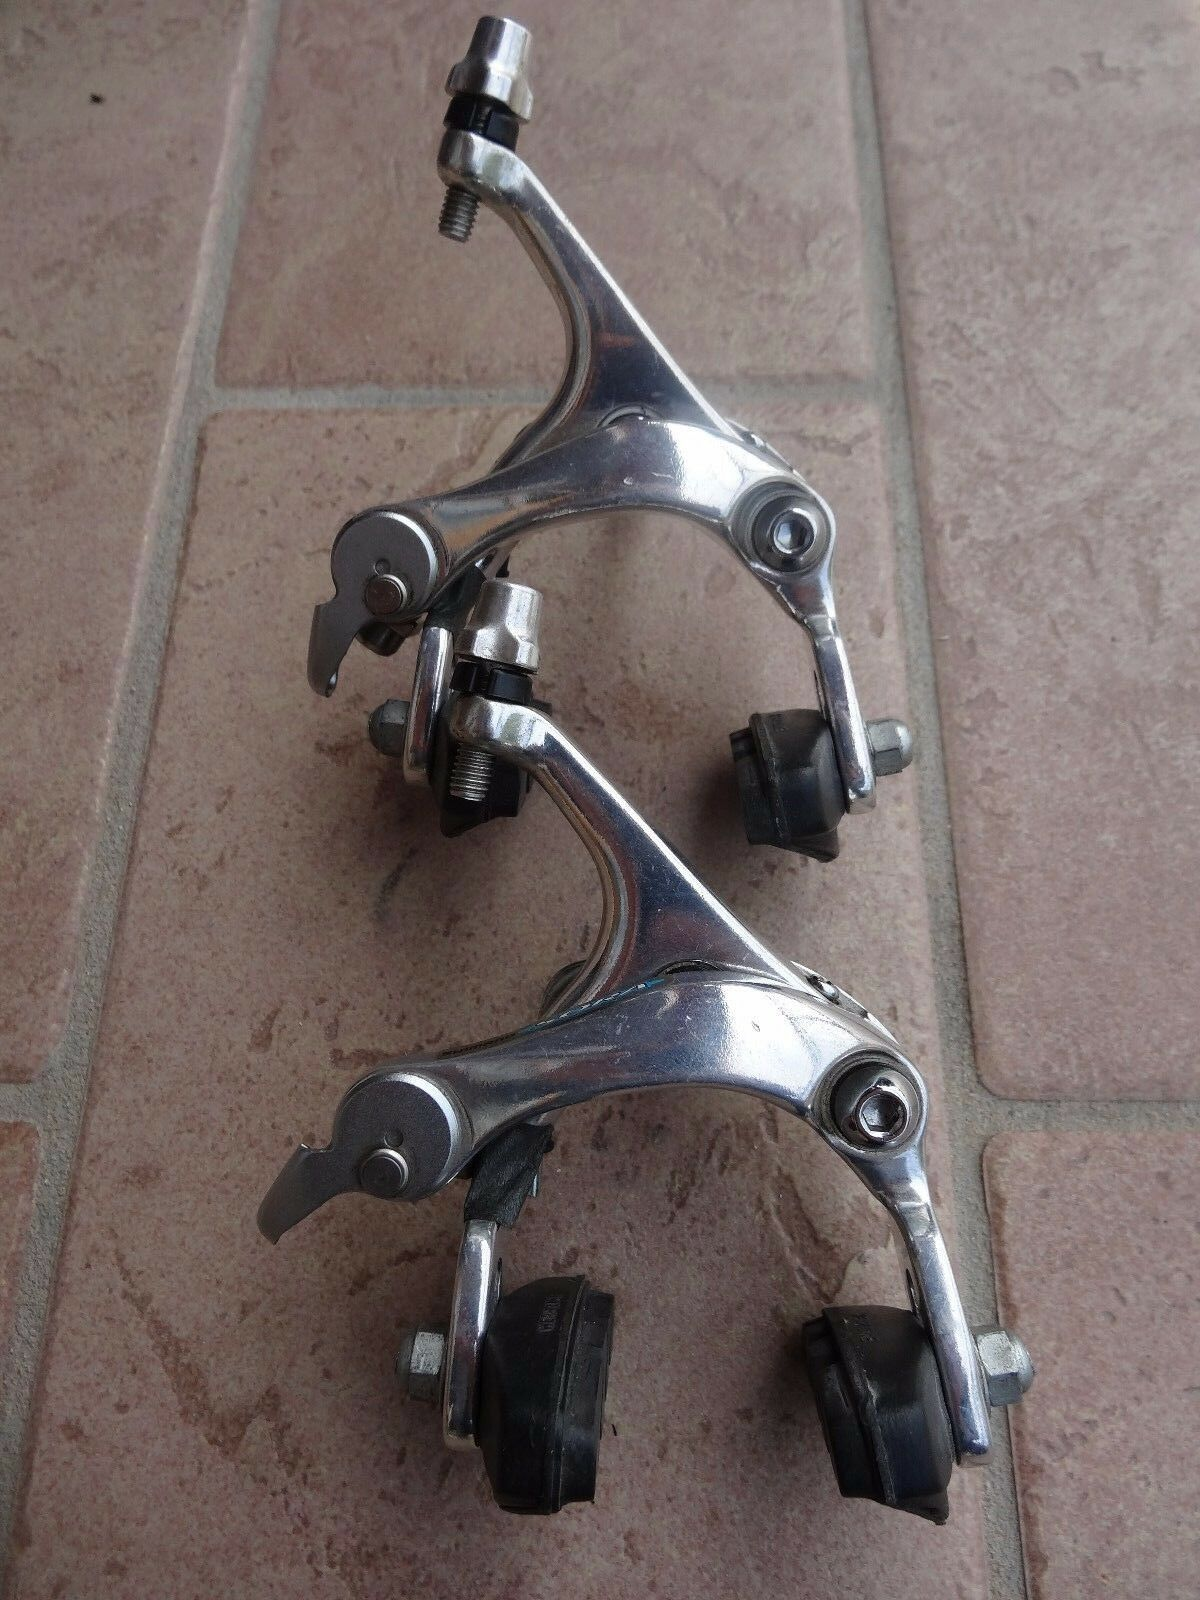 Vintage Shimano Sora BR3300  brakes VGC